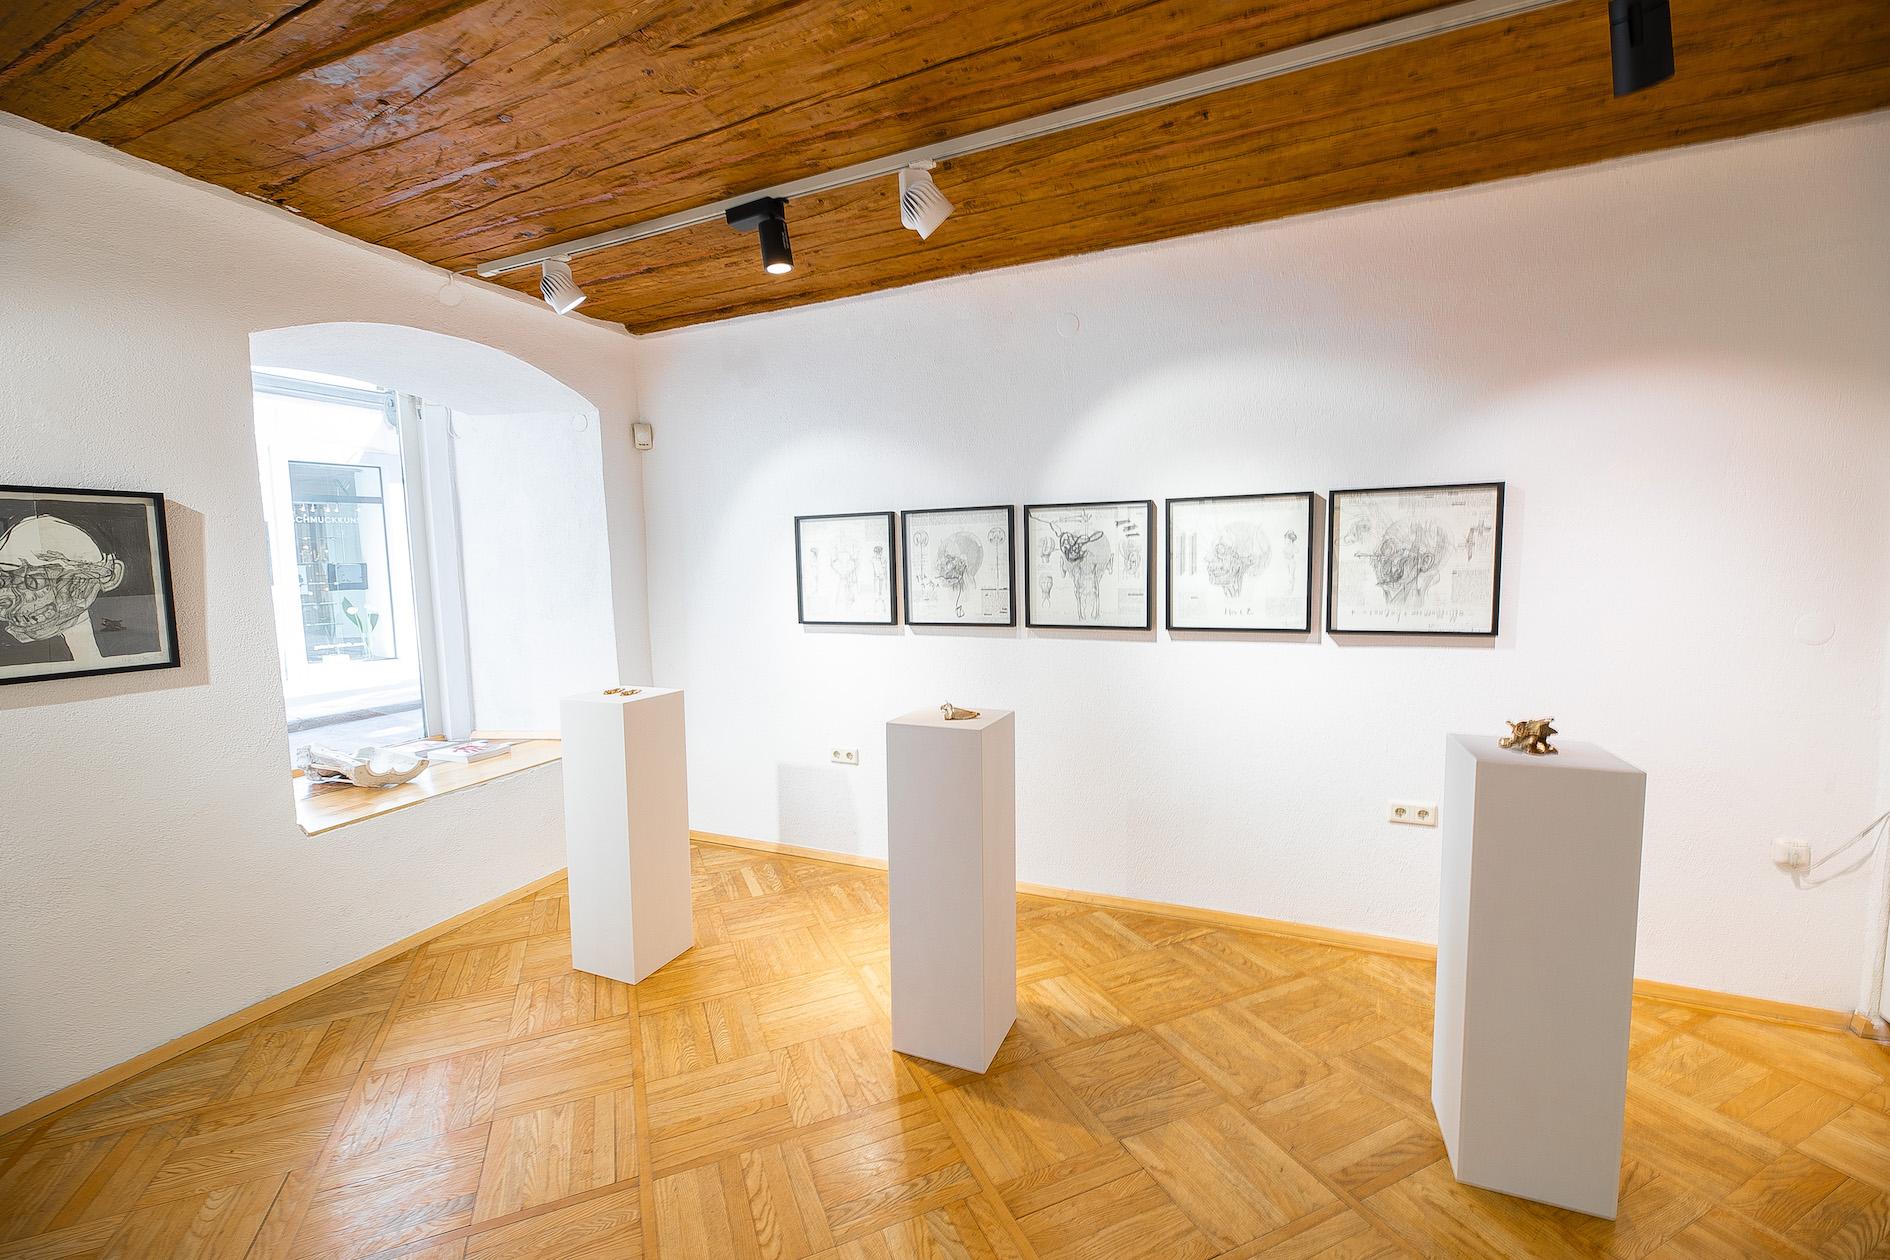 Ausstellung_Nani Hagg_TOMAK_Galerie Frank Wien_Raum vorne